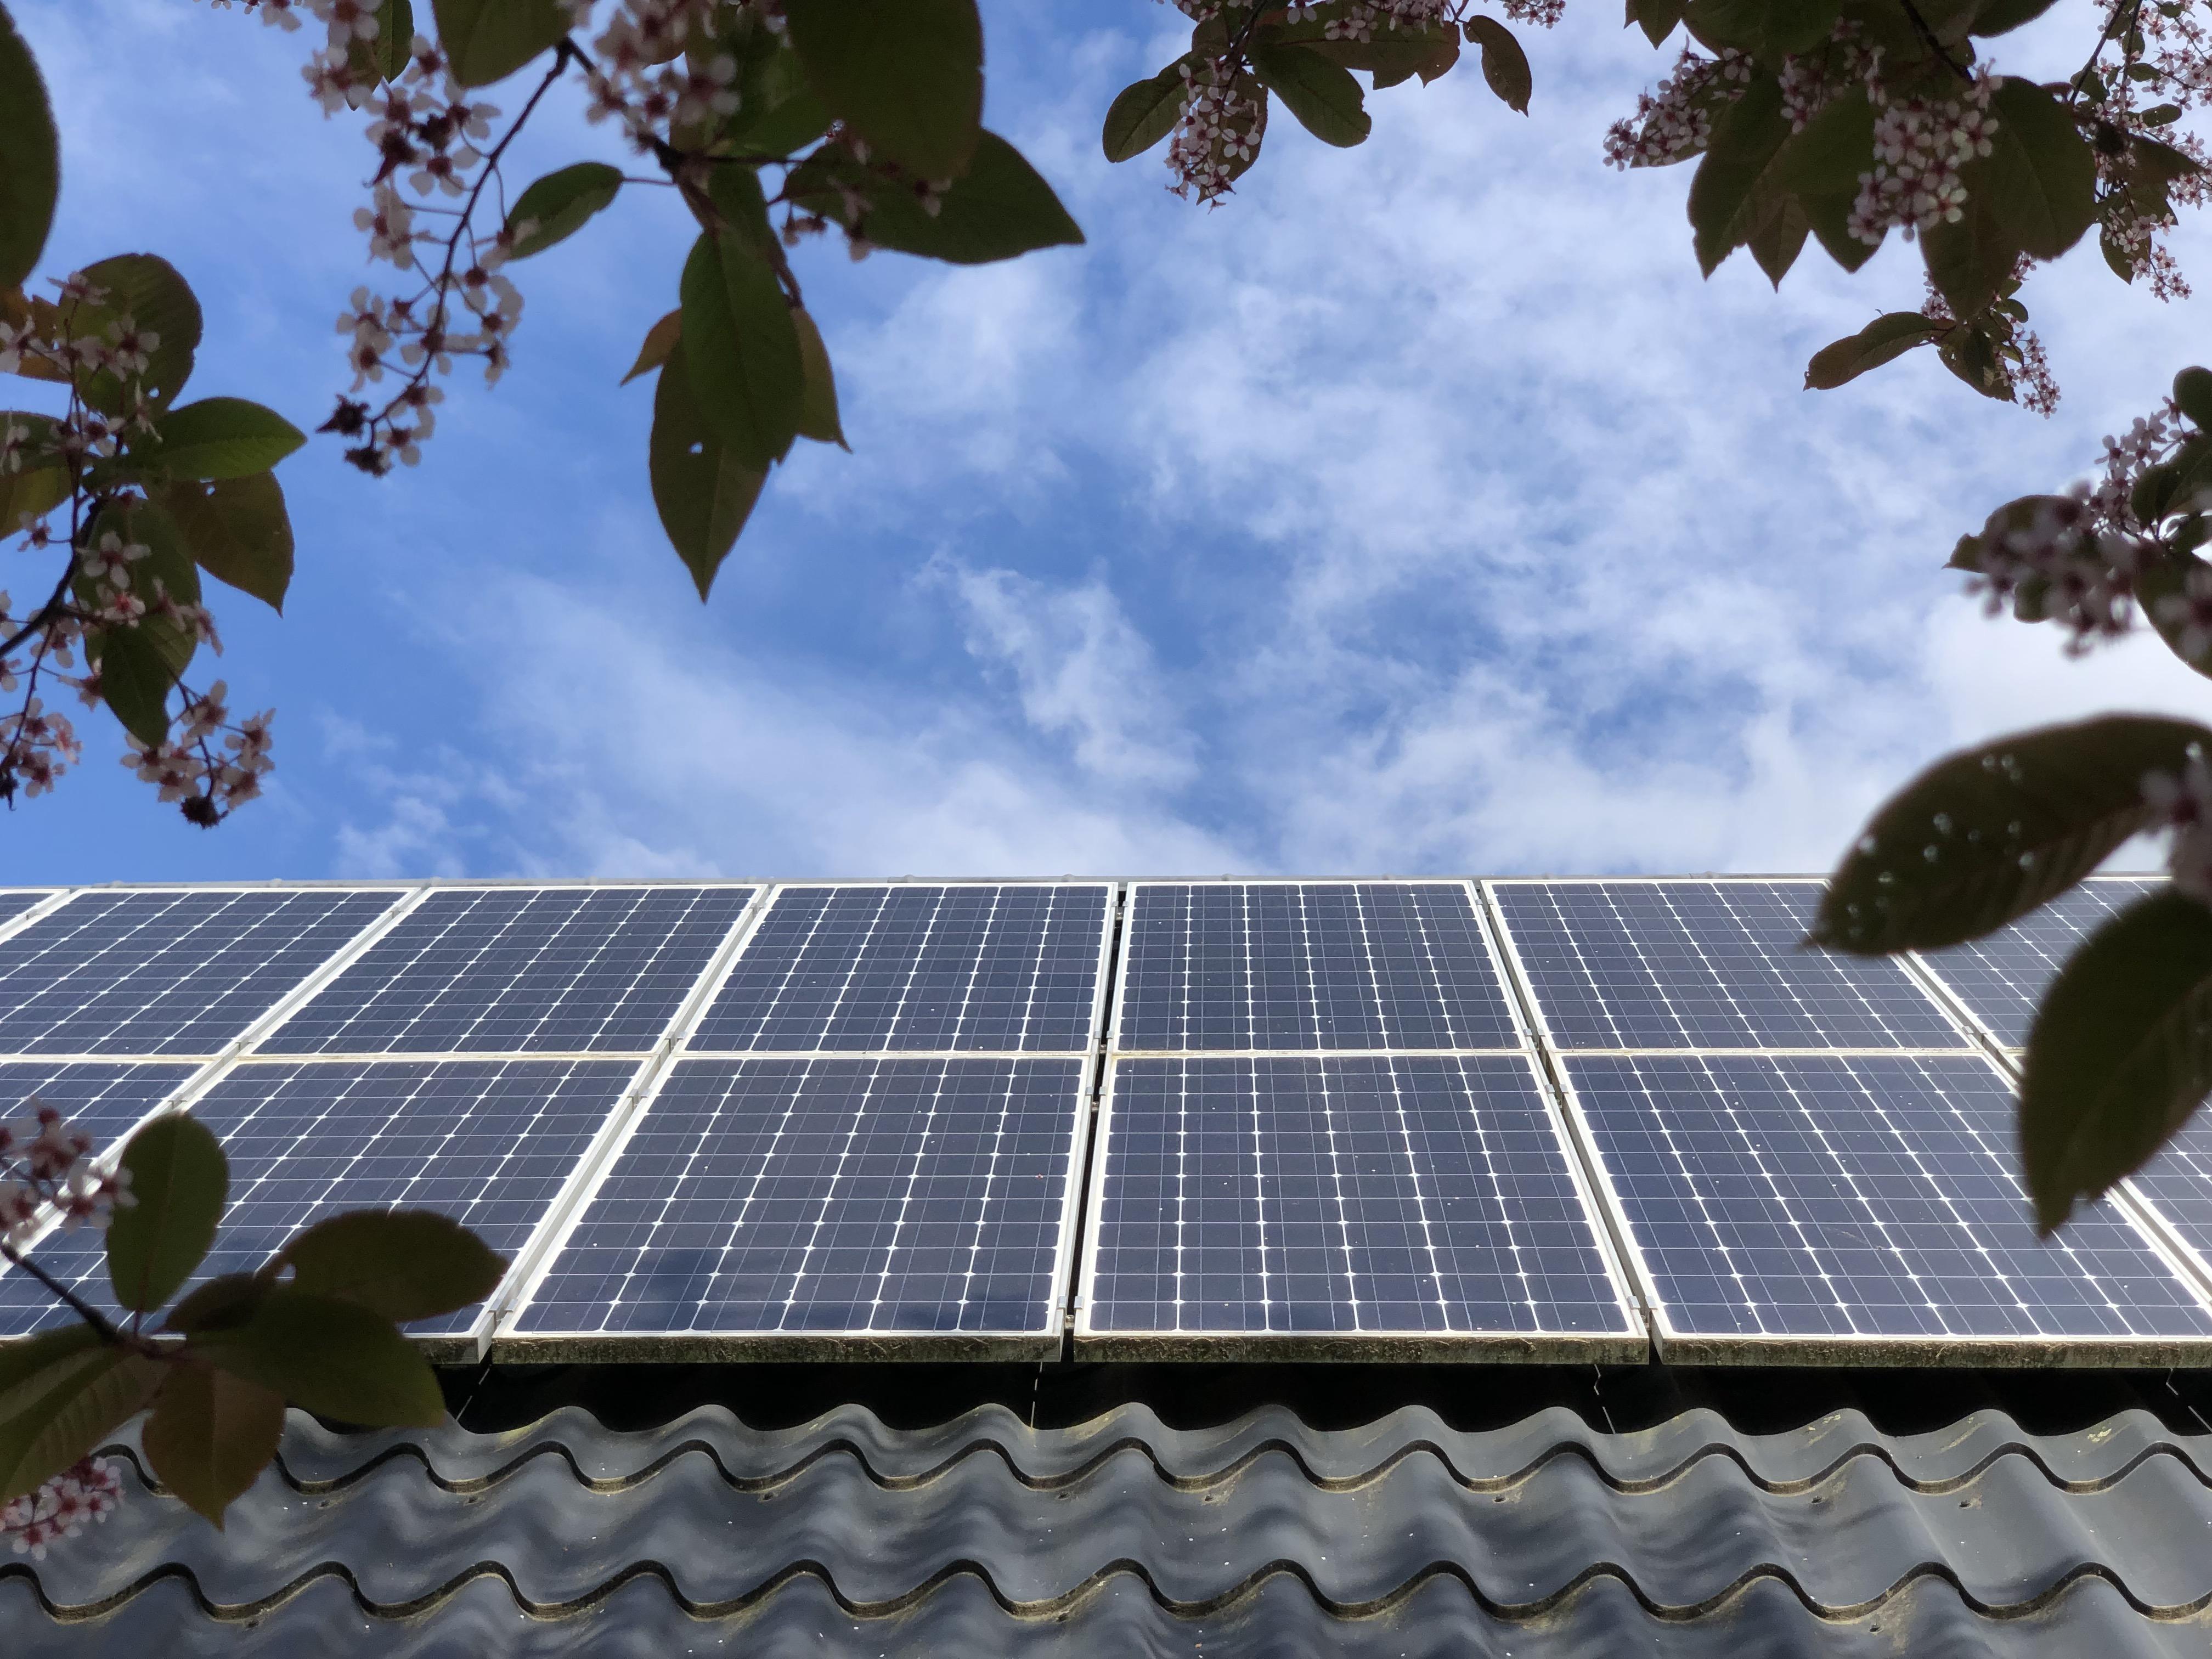 Må jeg algebehandle mit tag med solceller monteret på?